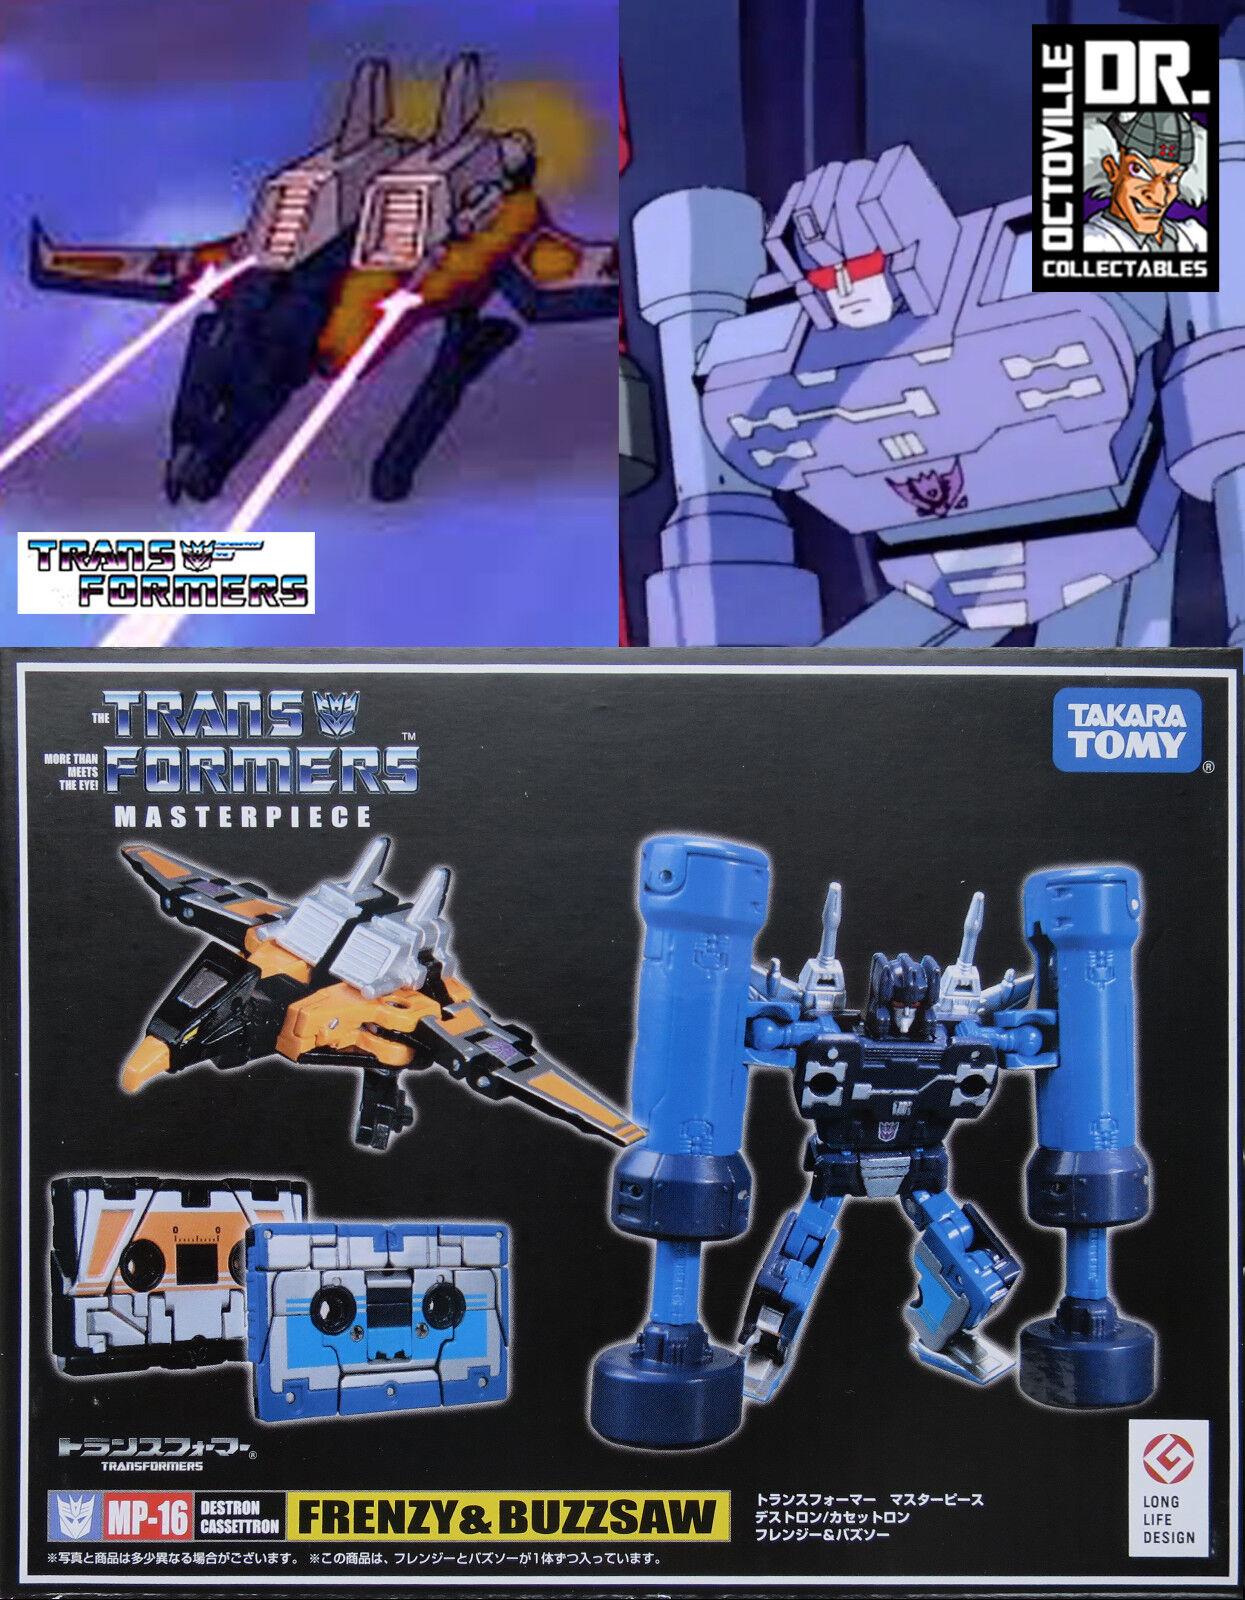 n ° 1 en línea Transformers Takara Masterpiece MP-16 auténtico Frenzy & Buzzsaw Nuevo Nuevo Nuevo  muchas concesiones